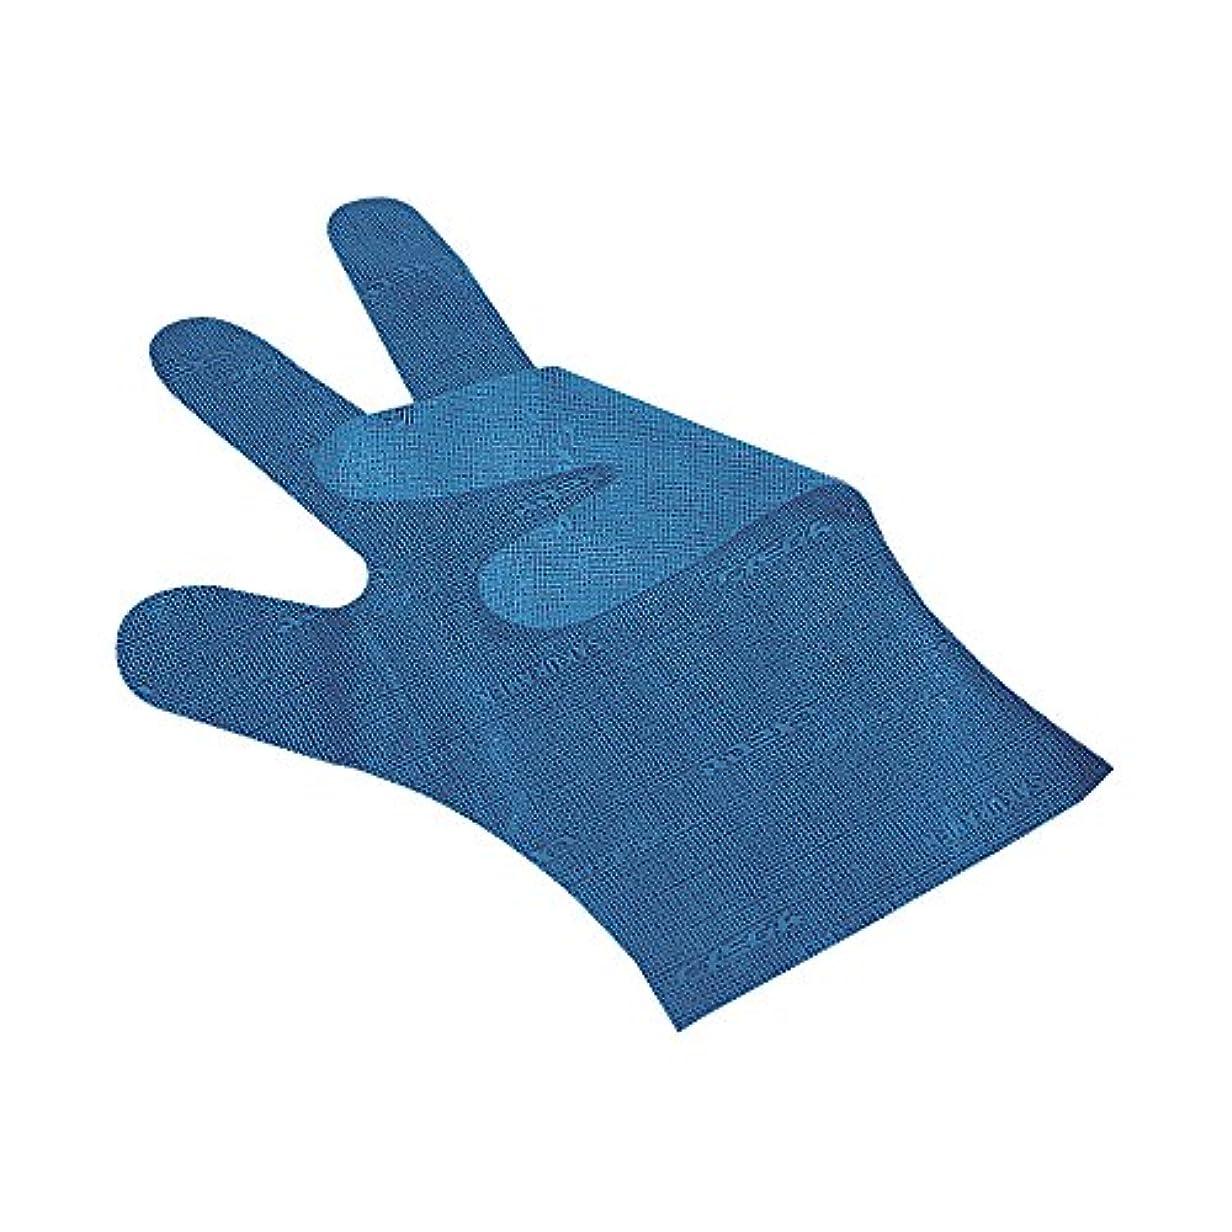 食器棚人差し指こだわりサクラメンエンボス手袋 デラックス ブルー S 100枚入